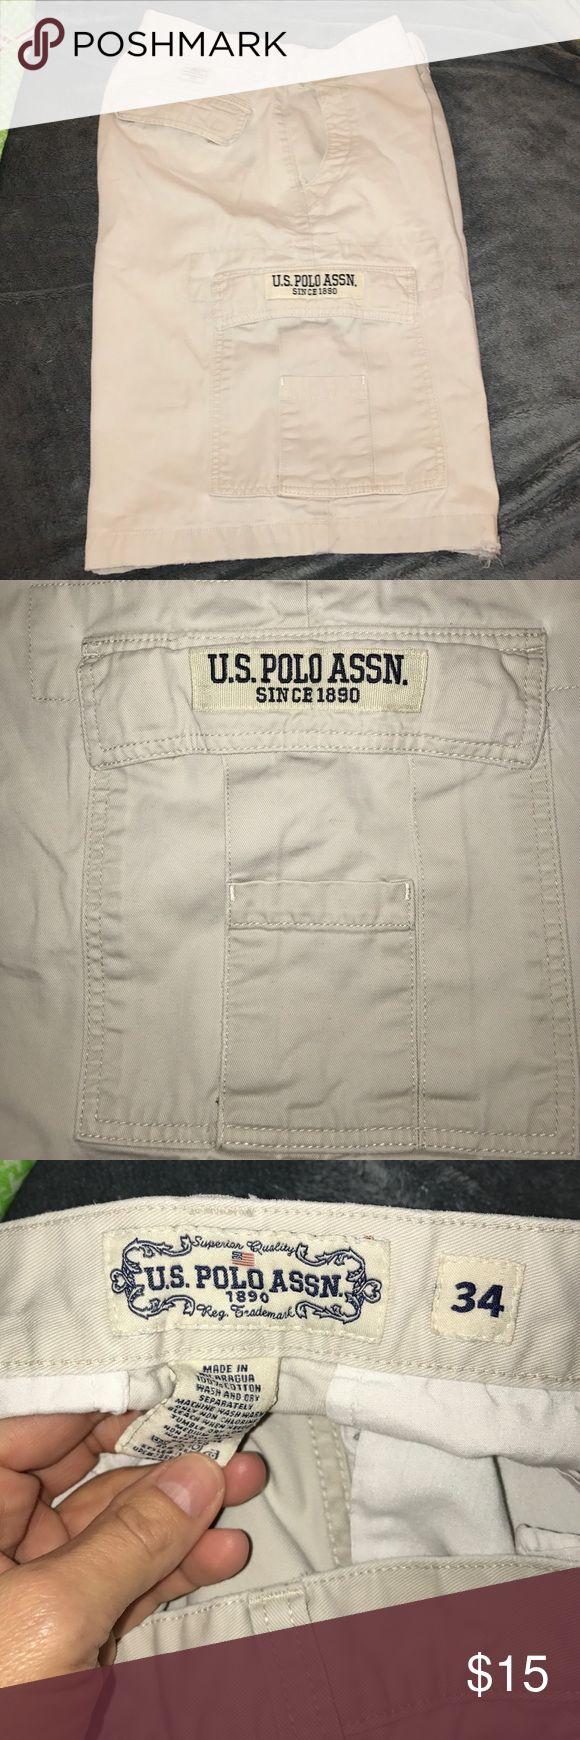 U.S Polo Assn. khaki cargo shorts size 34 In great condition U.S Polo Association khaki cargo shorts size 34 U.S. Polo Assn. Shorts Cargo